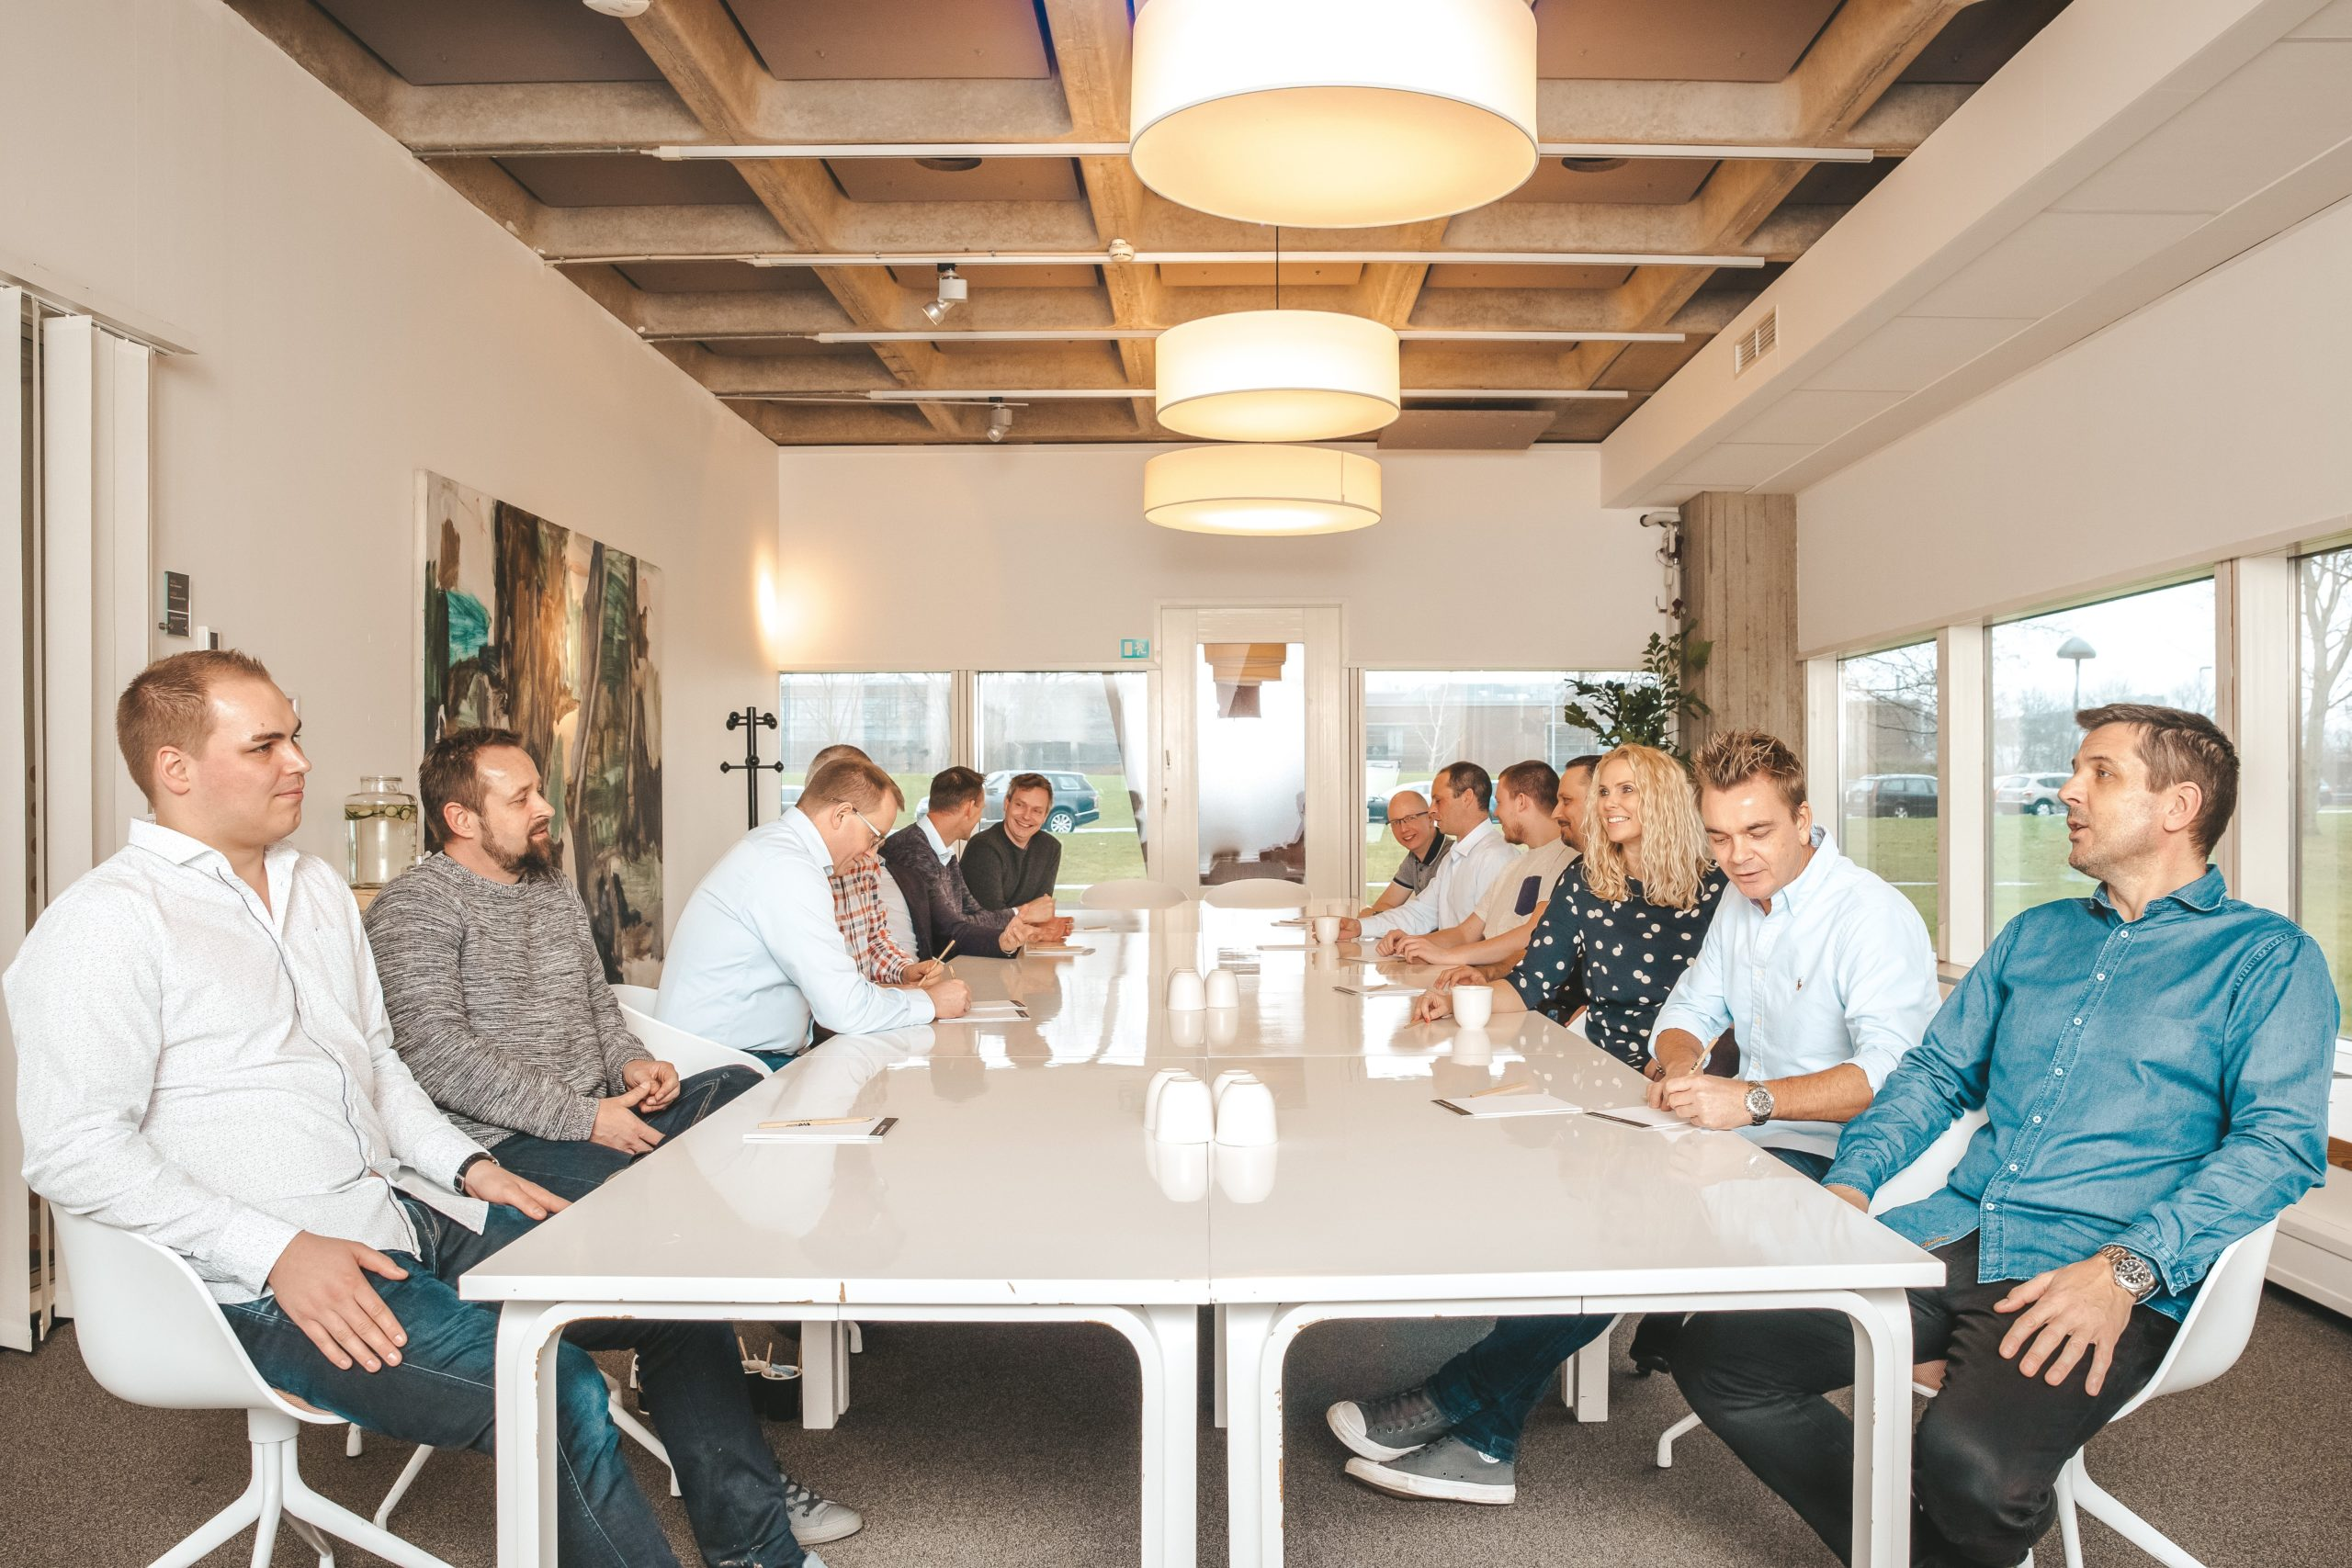 solvo it kåret blandt den absolutte top af Danmarks bedste it-konsulenthuse